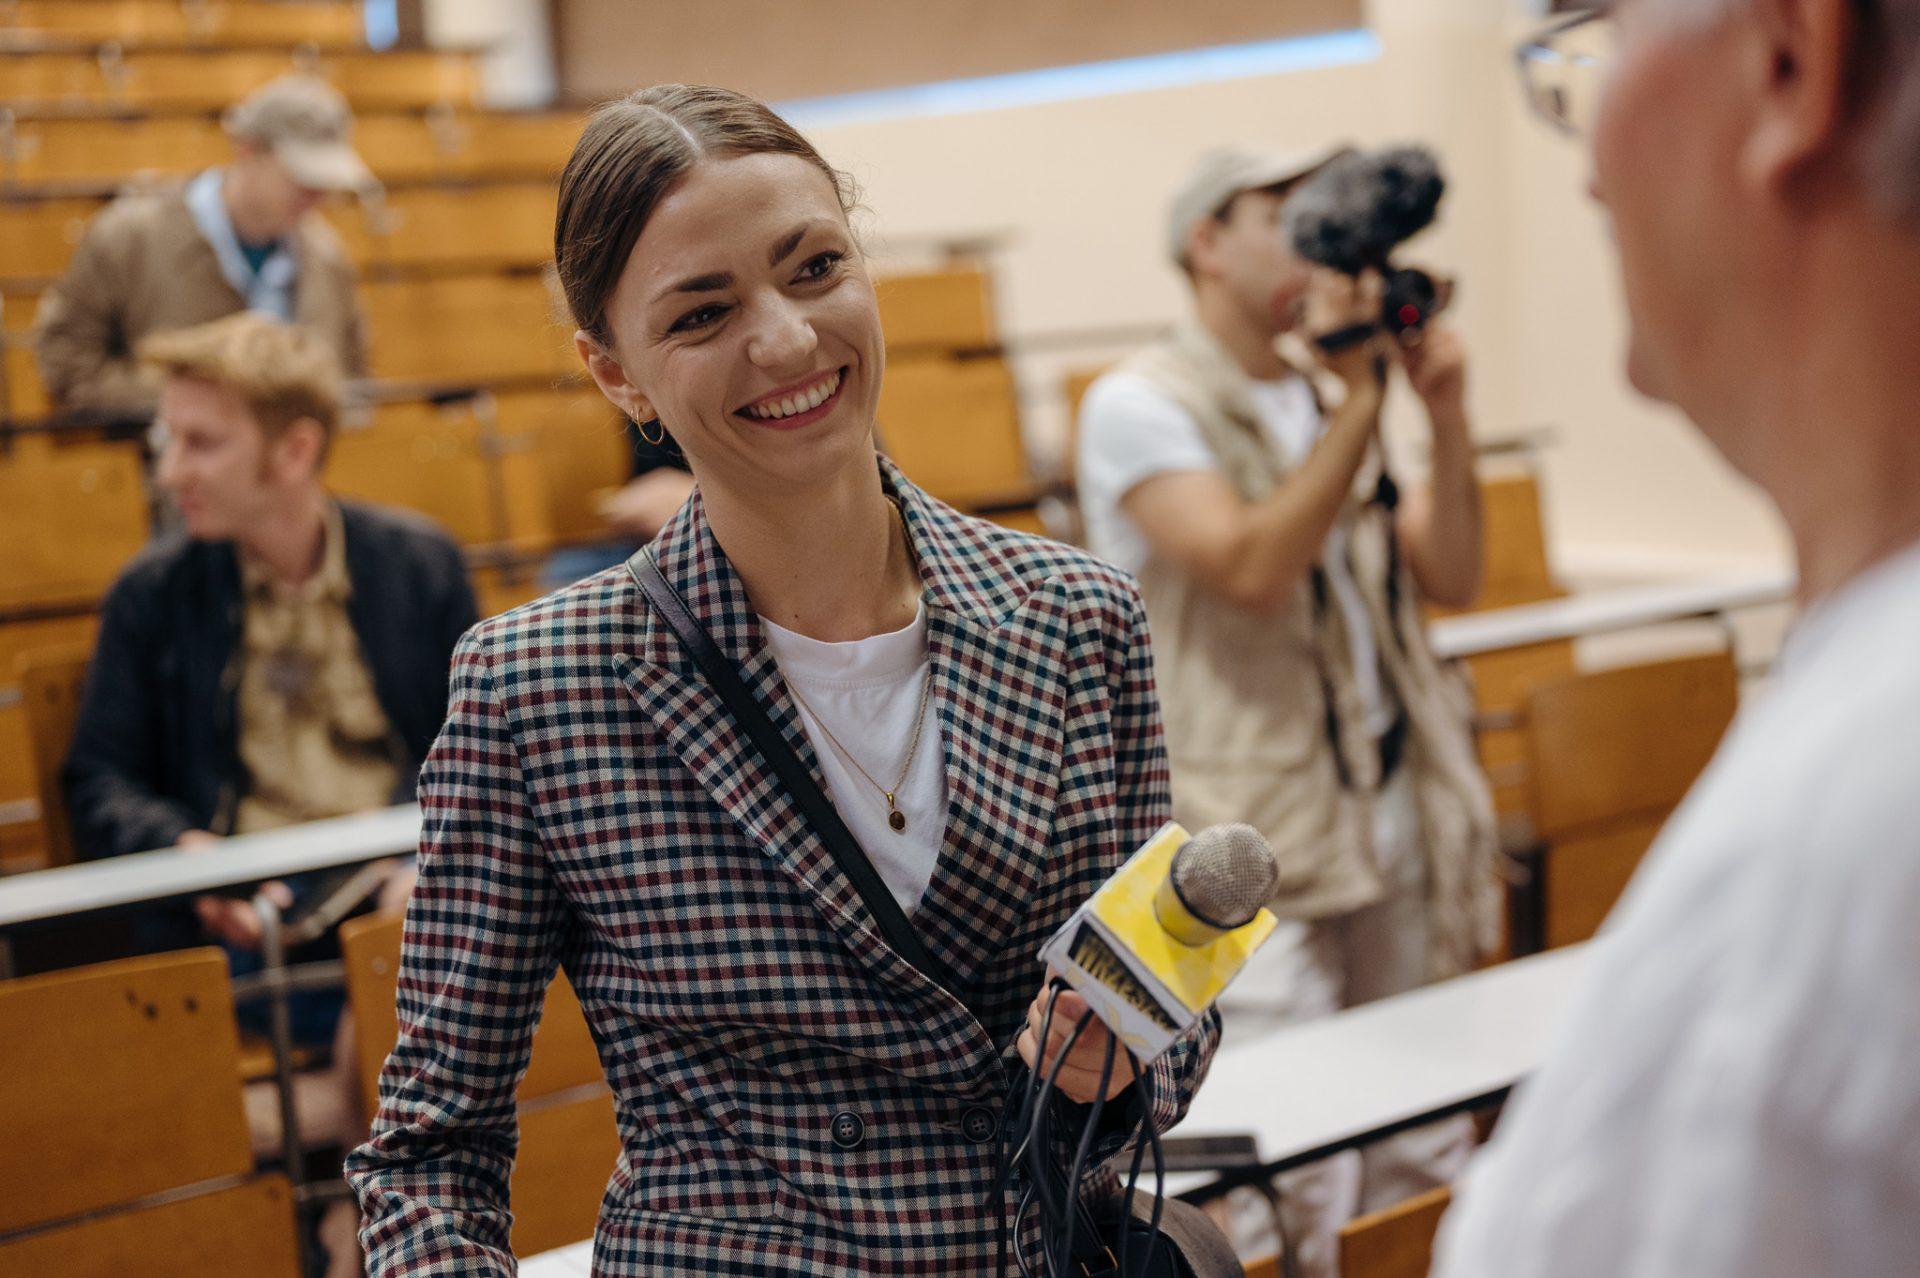 Aula uniwersytecka, w tle drewniane siedenia i kilkoro ludzi, na pierwszym plane młoda uśmiechnięta kobieta trzyma mikrofon przez ubranym na biało mężczyzną